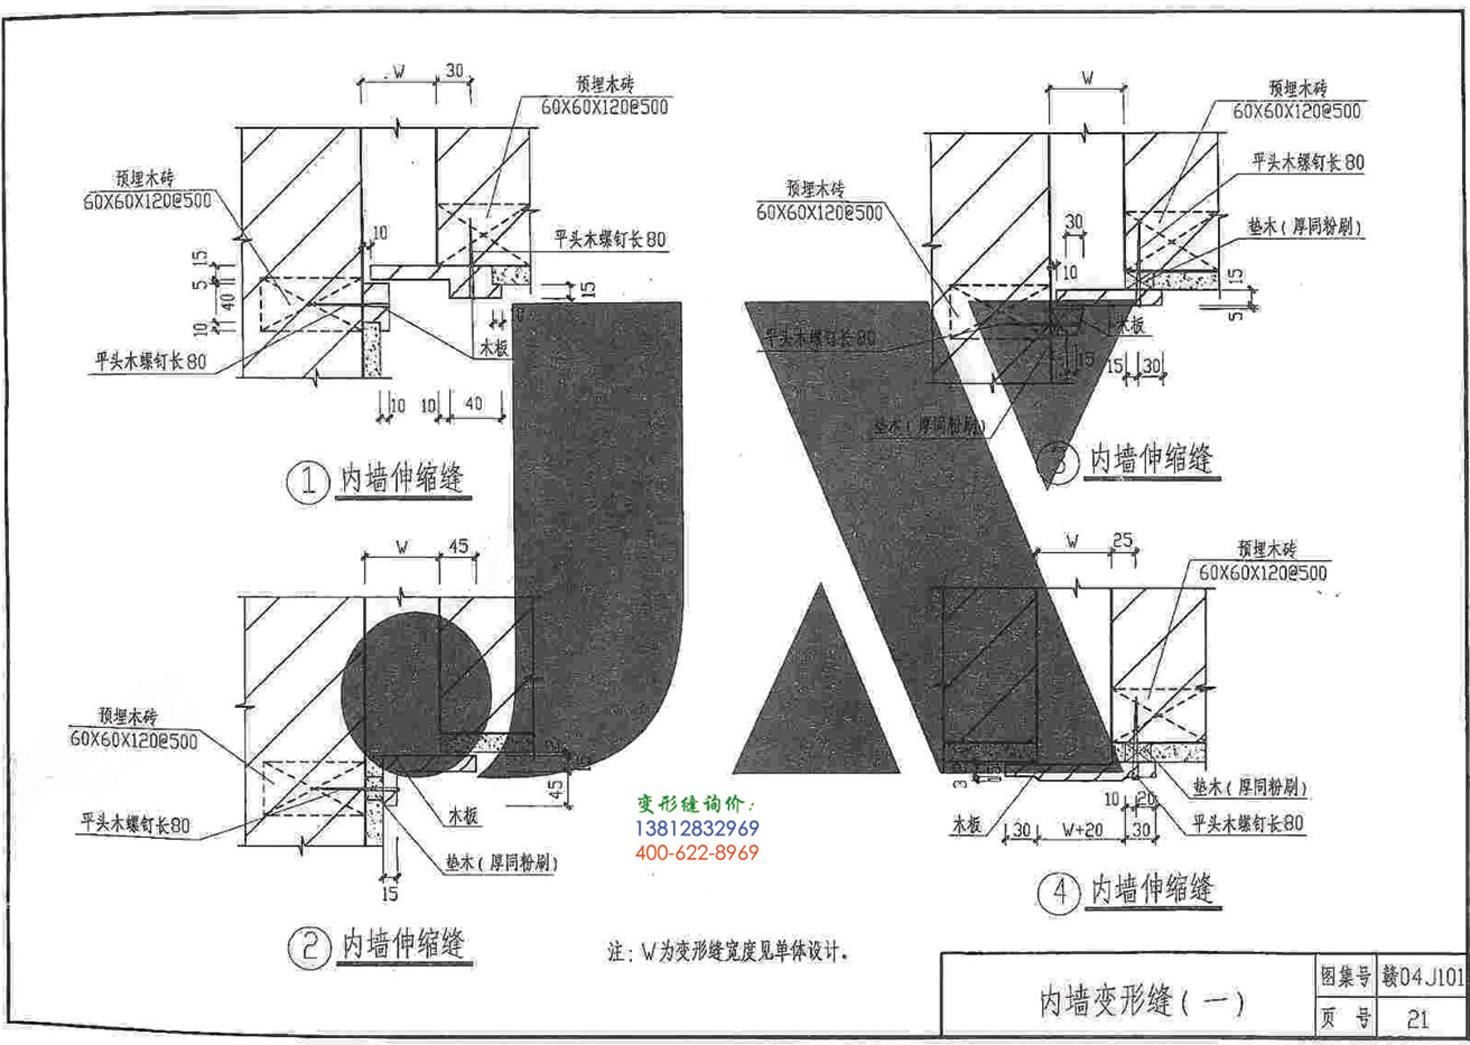 赣04J101变形缝图集p21